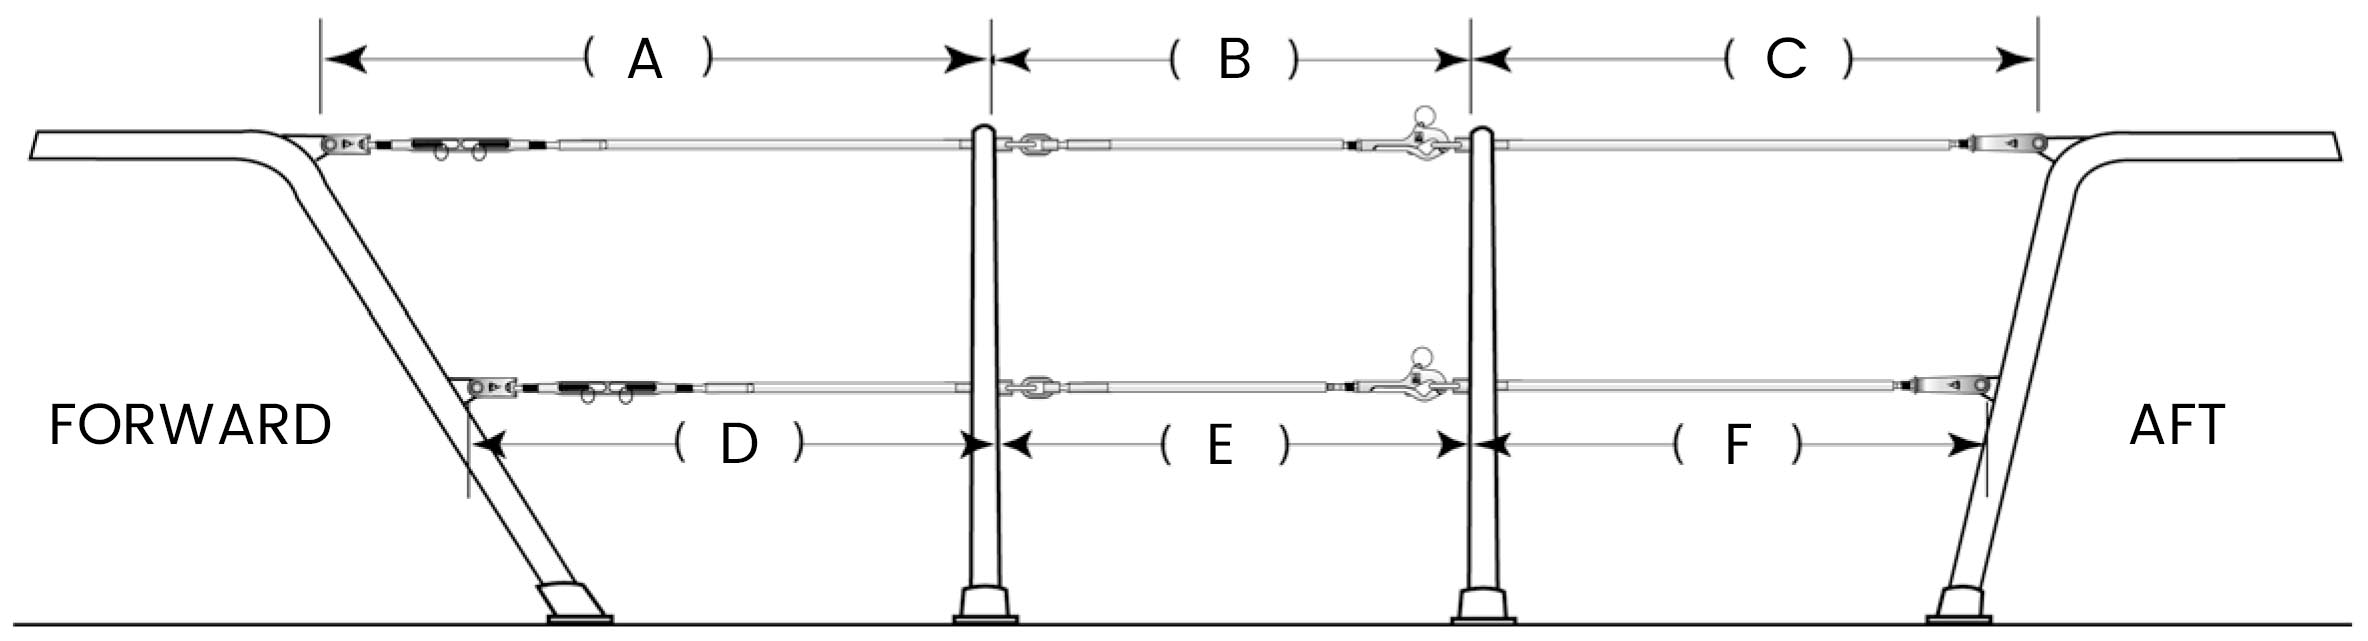 Sailboat Measurement Form - Midship Gate